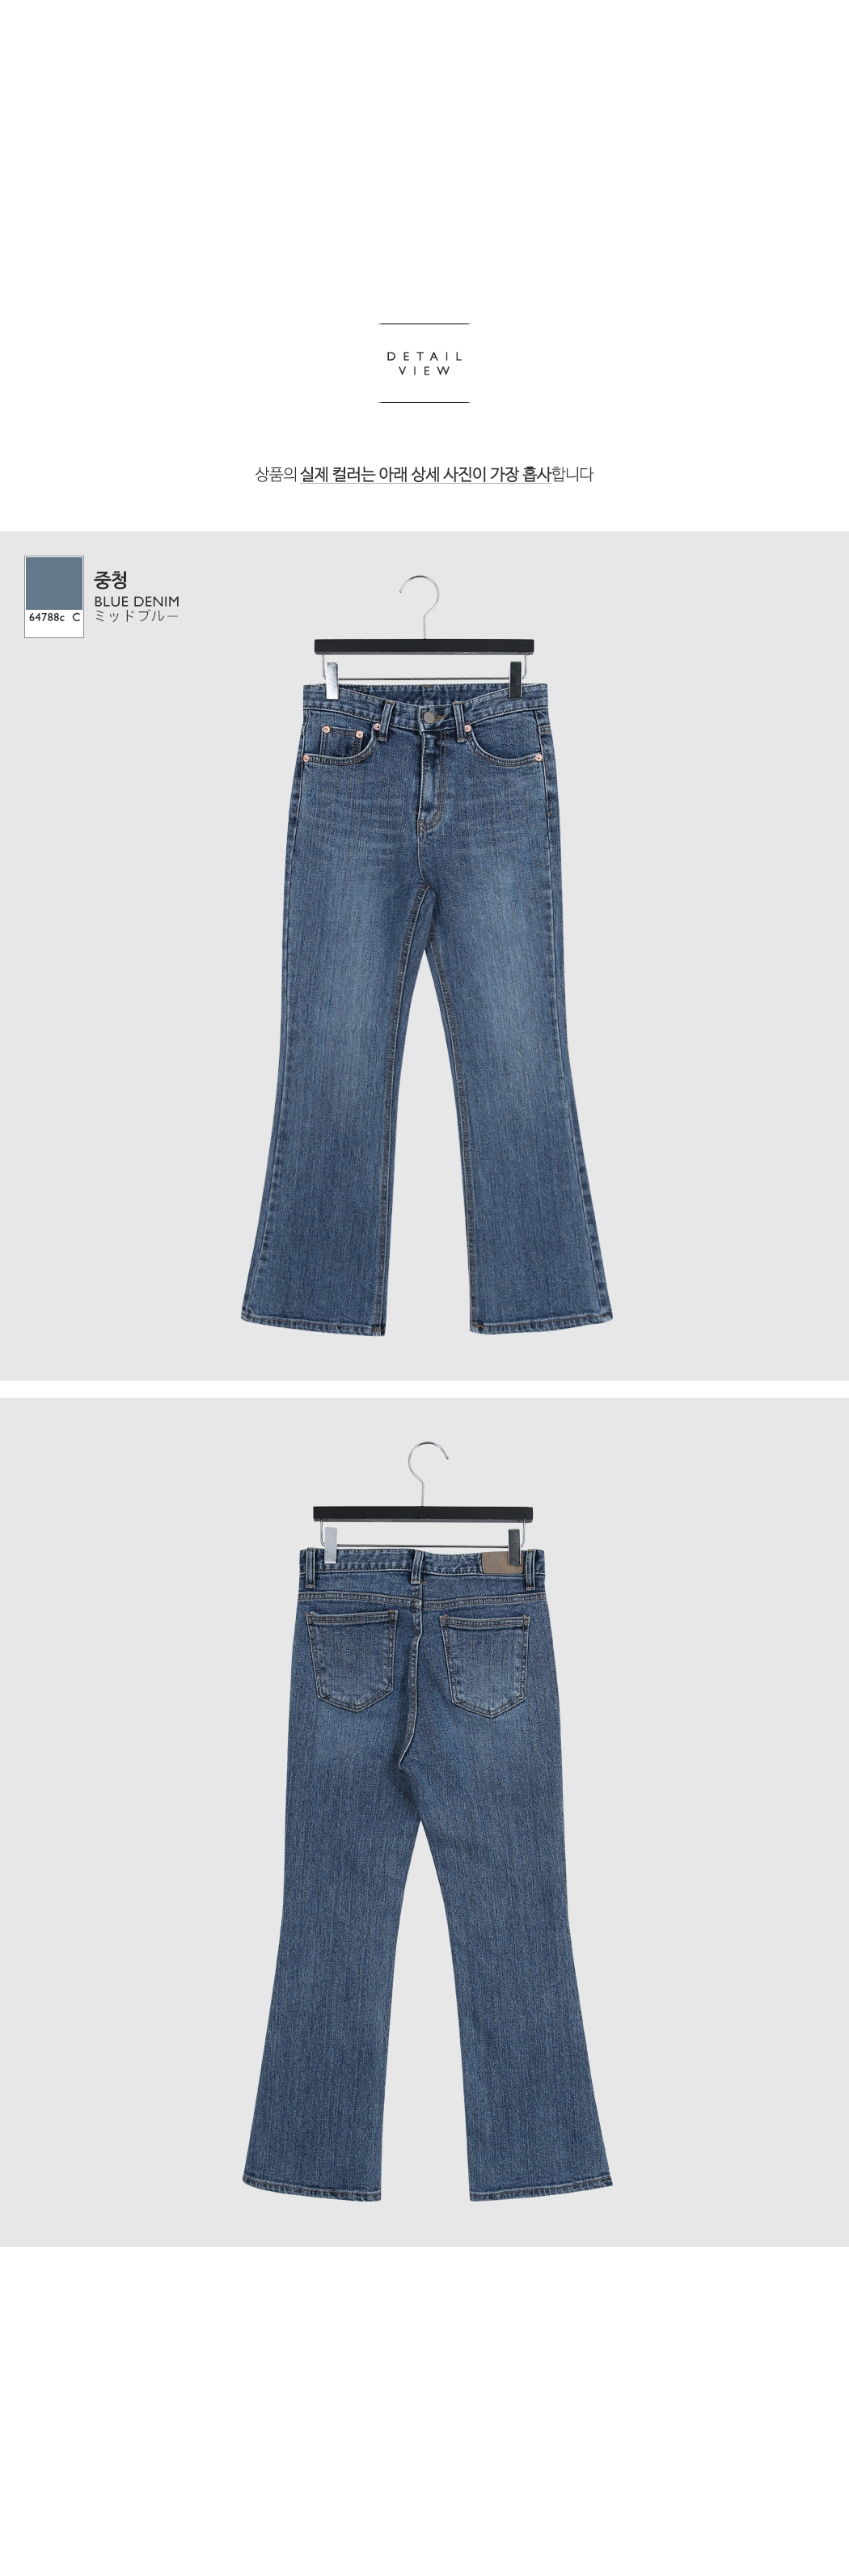 Slim Tan Tan Long Boots Cut Pants